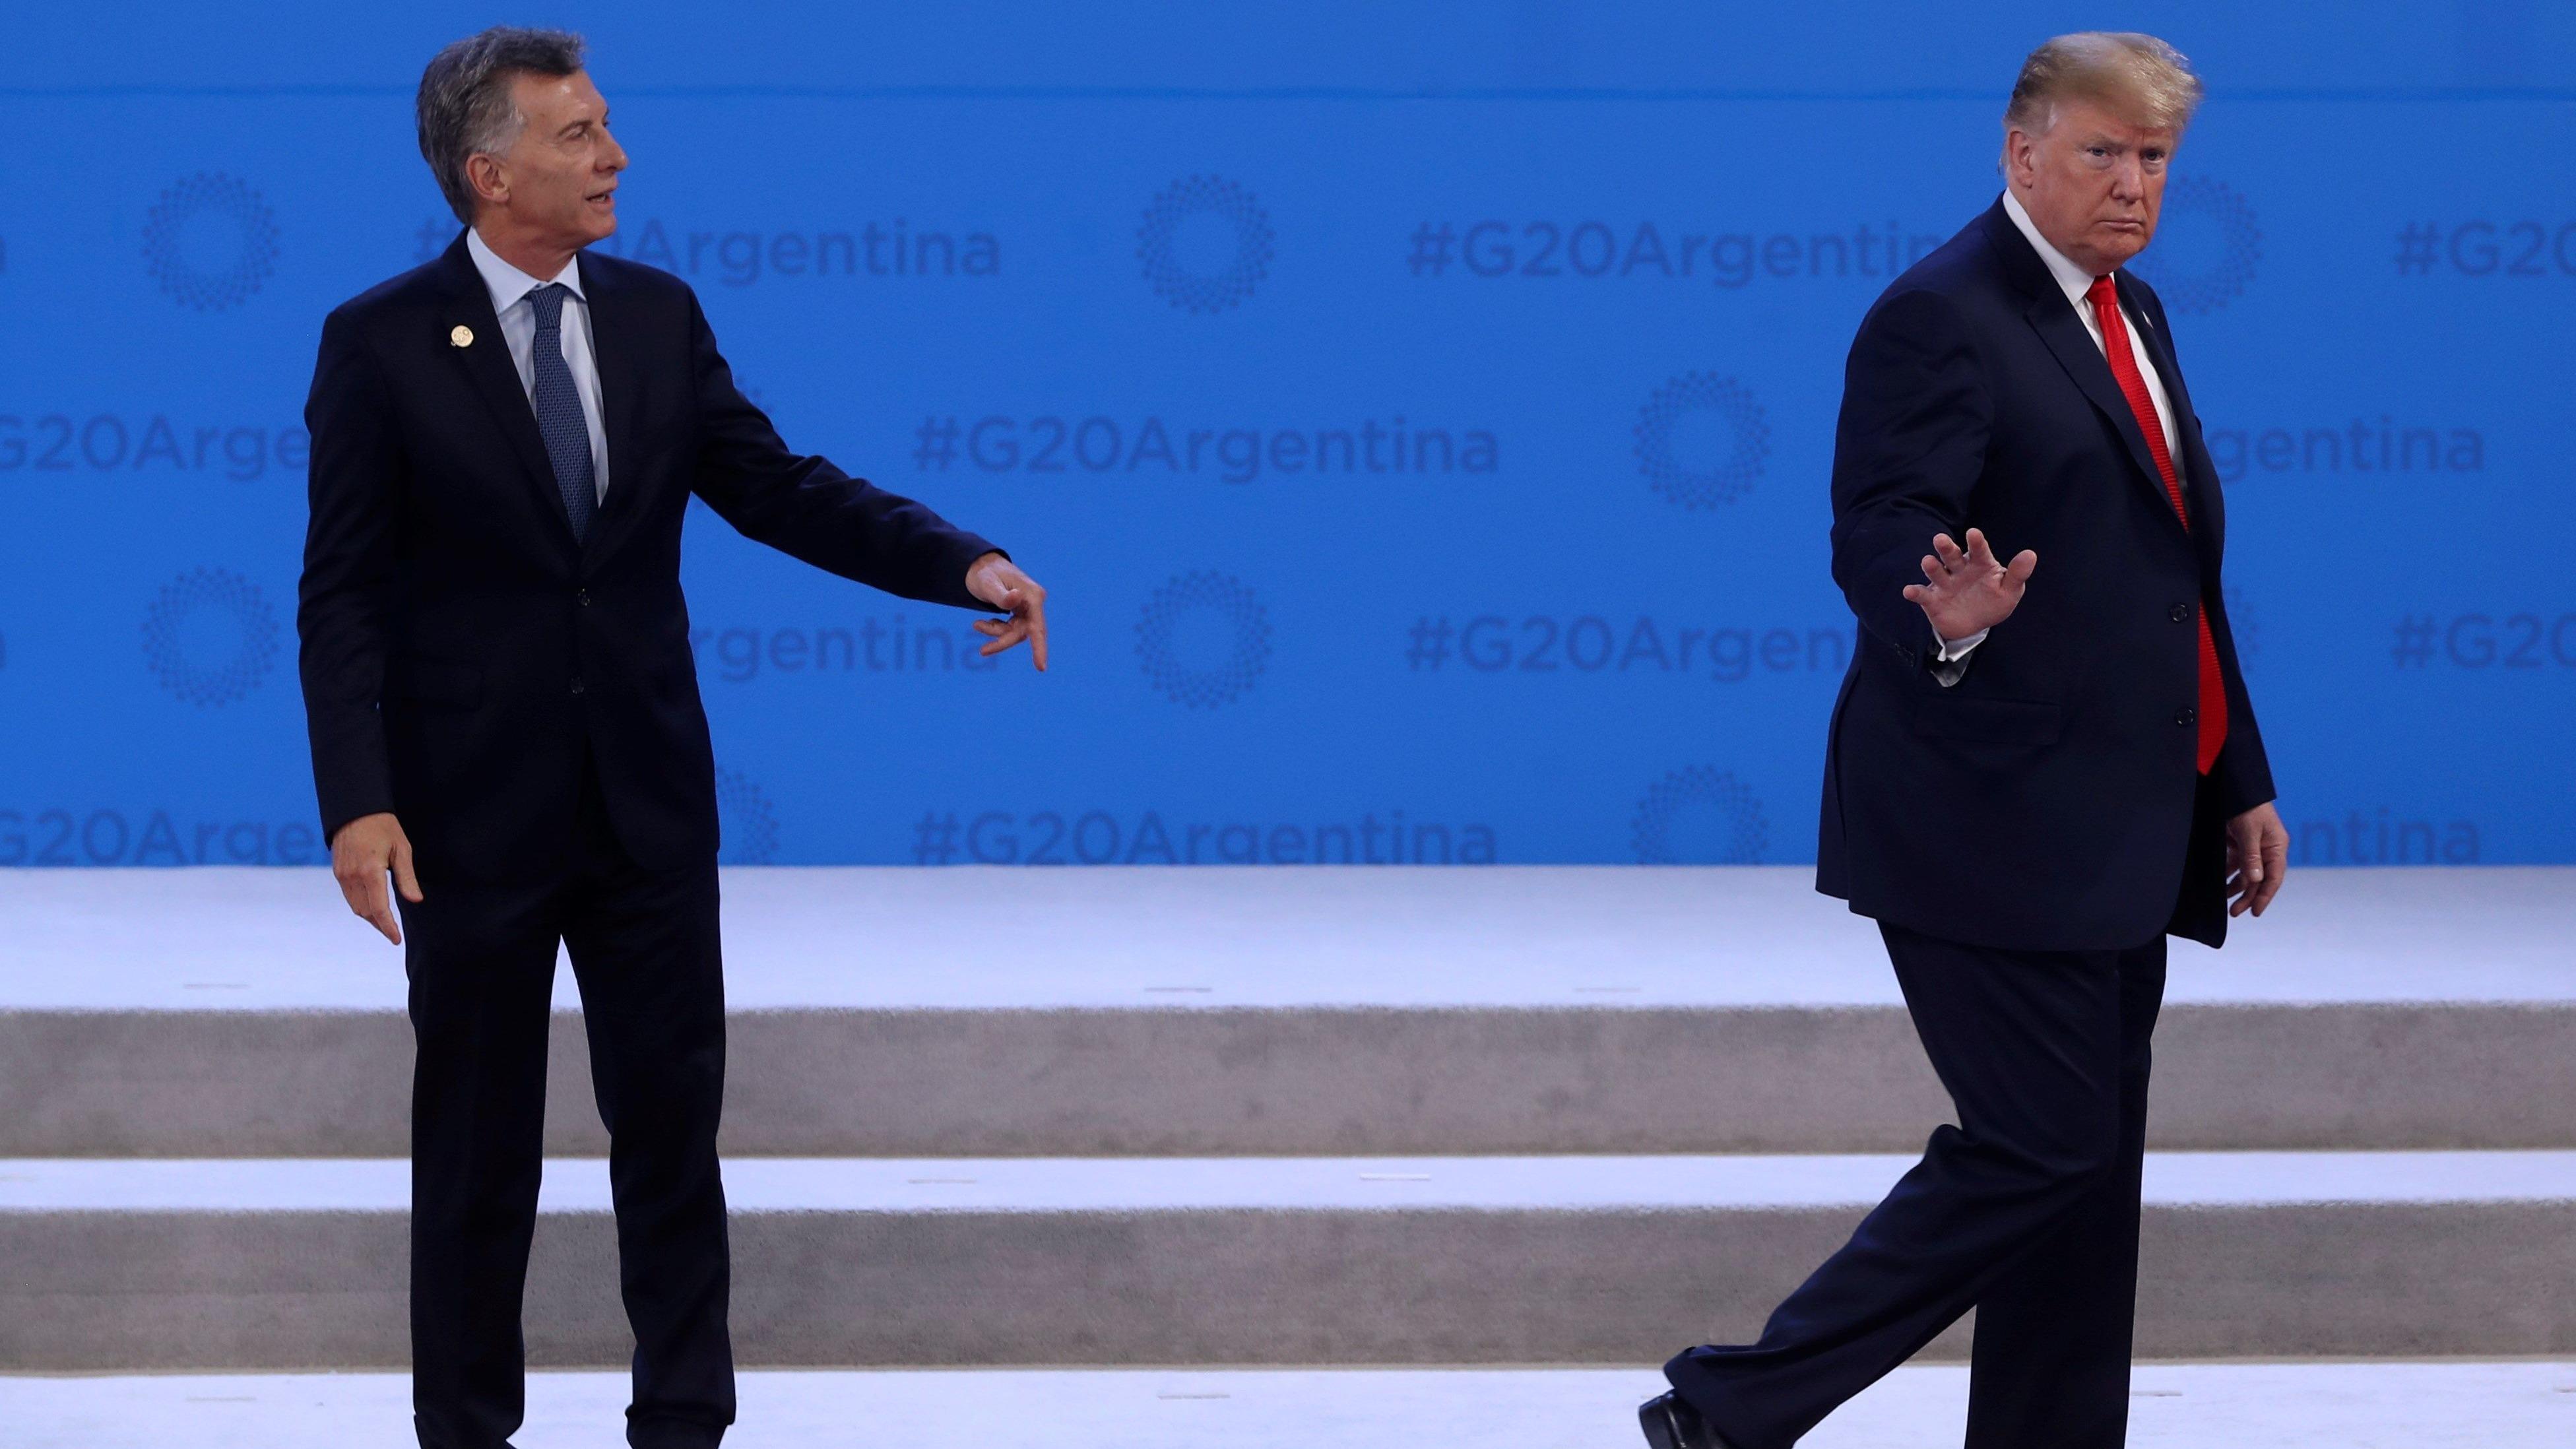 En la foto oficial, Donald Trump dejó solo al presidente de Argentina, Mauricio Macri.